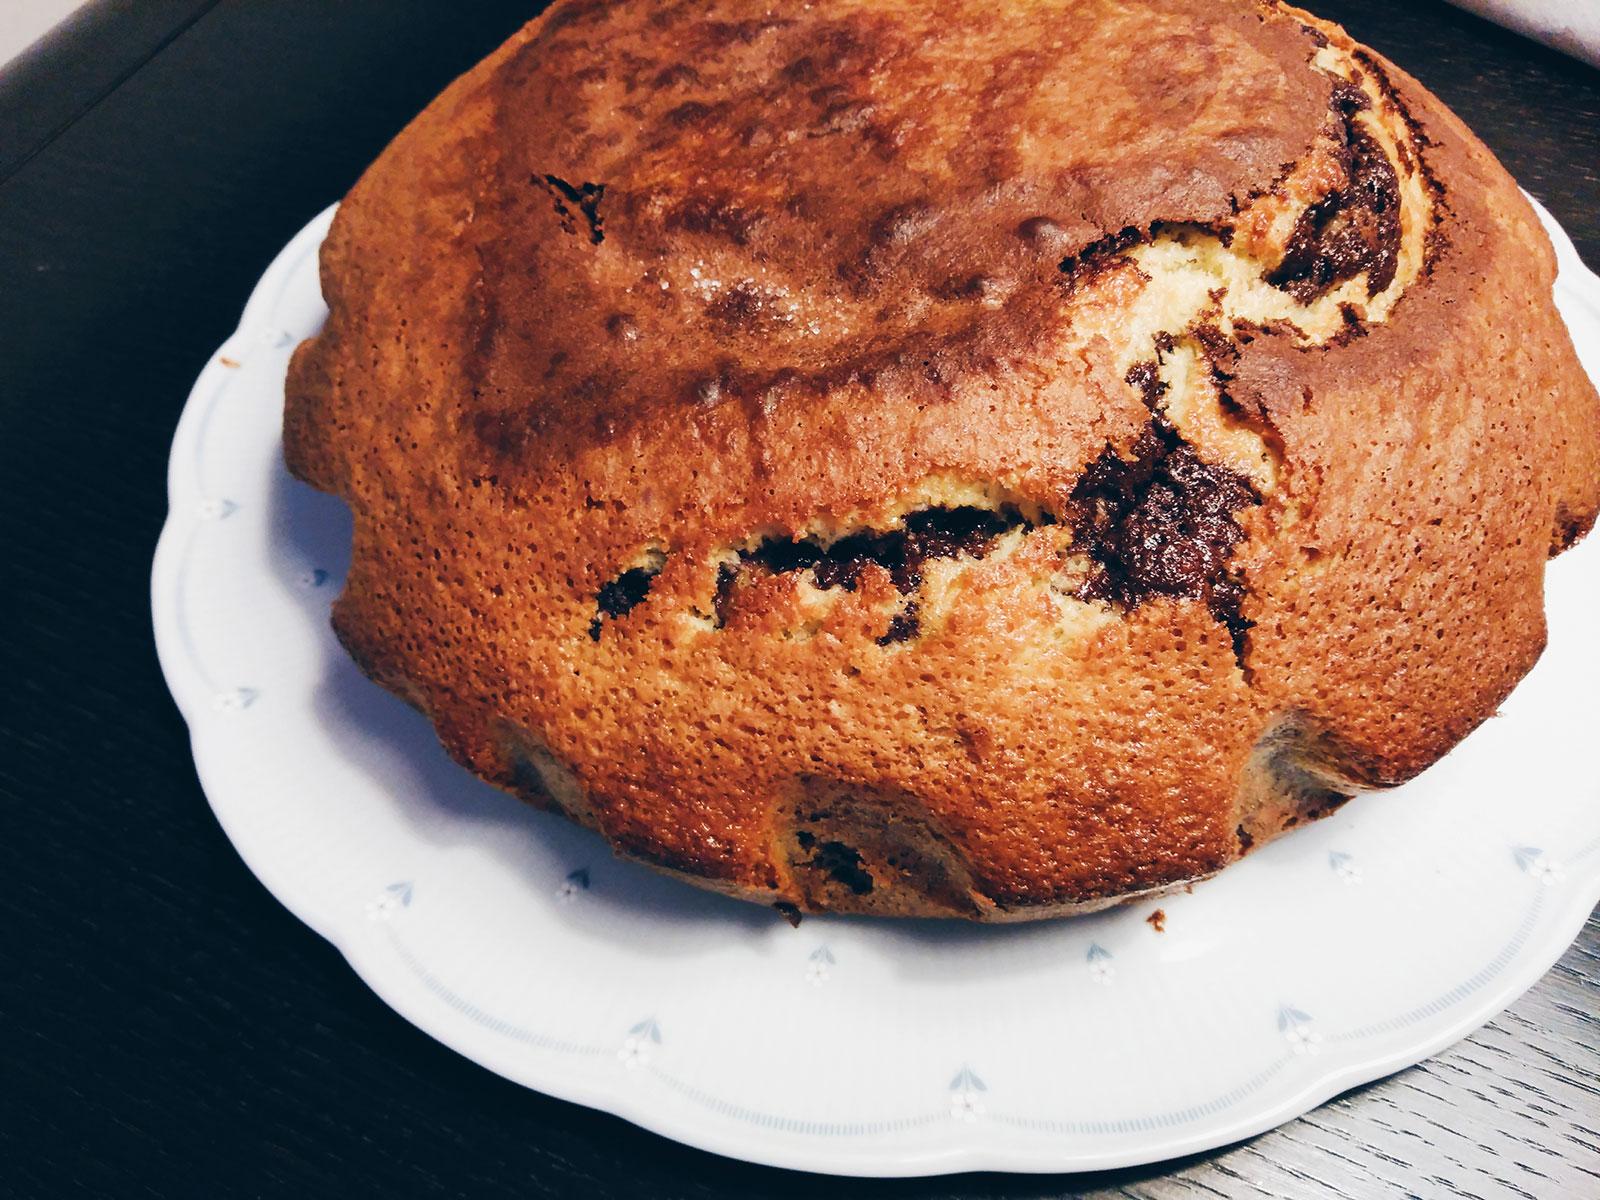 Receta del bizcocho marmolado casero cocina con elisa for Cocina con sergio bizcocho